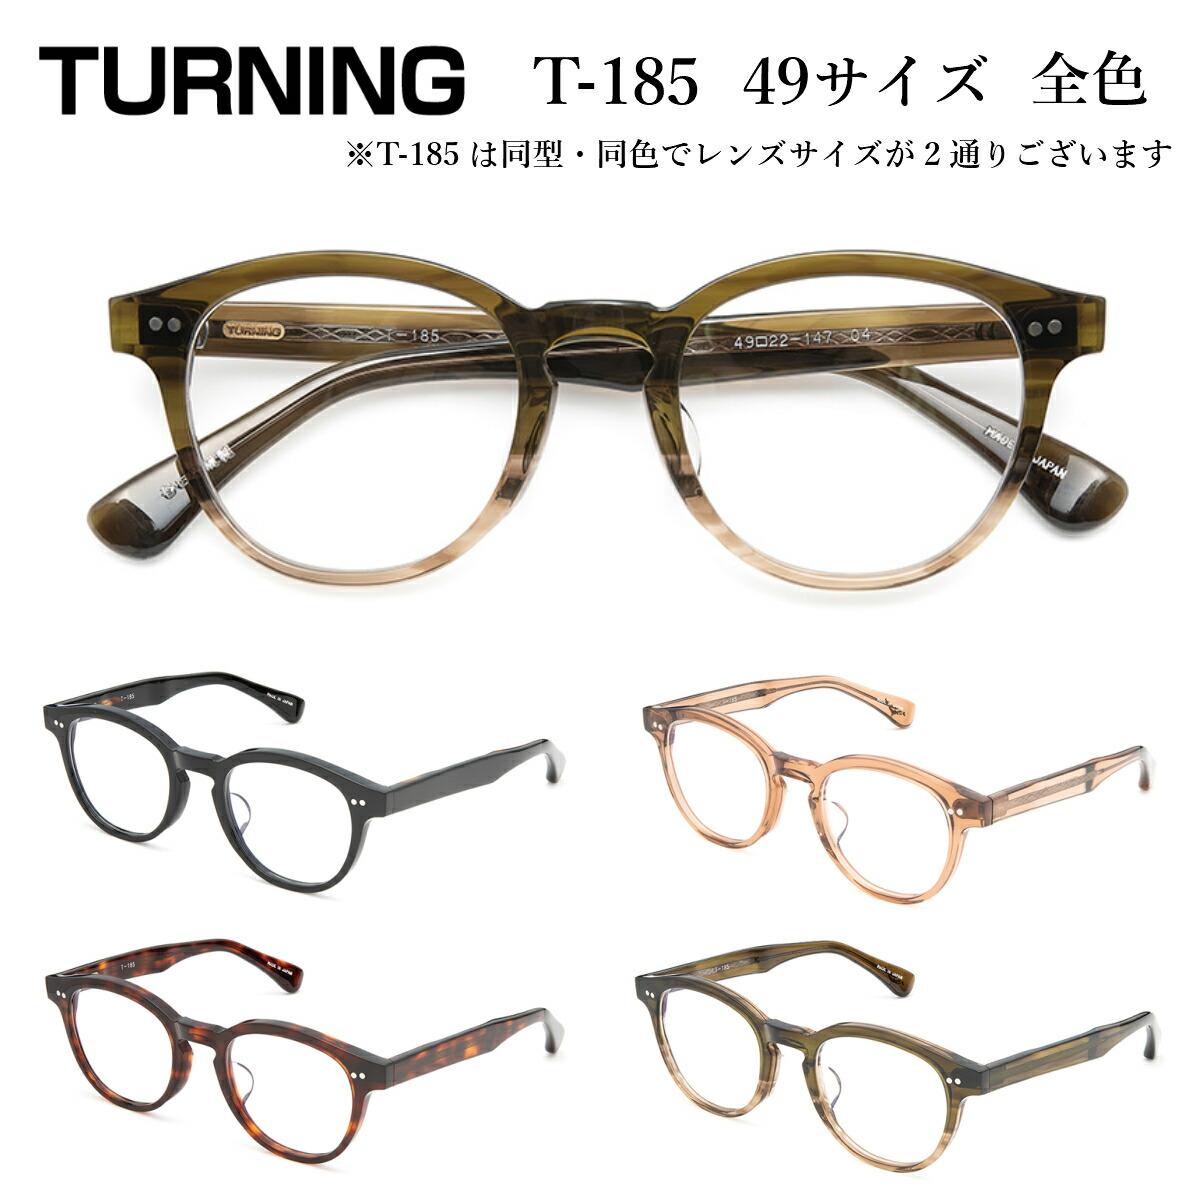 TURNING ターニング 谷口眼鏡 T-185 49 サイズ 全色 メガネ 眼鏡 めがね フレーム 度付き 度入り 対応 セル プラスチック 日本製 国産 鯖江 SABAE ボストン ラウンド 丸 メンズ レディース 男 女 兼用 クラシック 【送料無料】